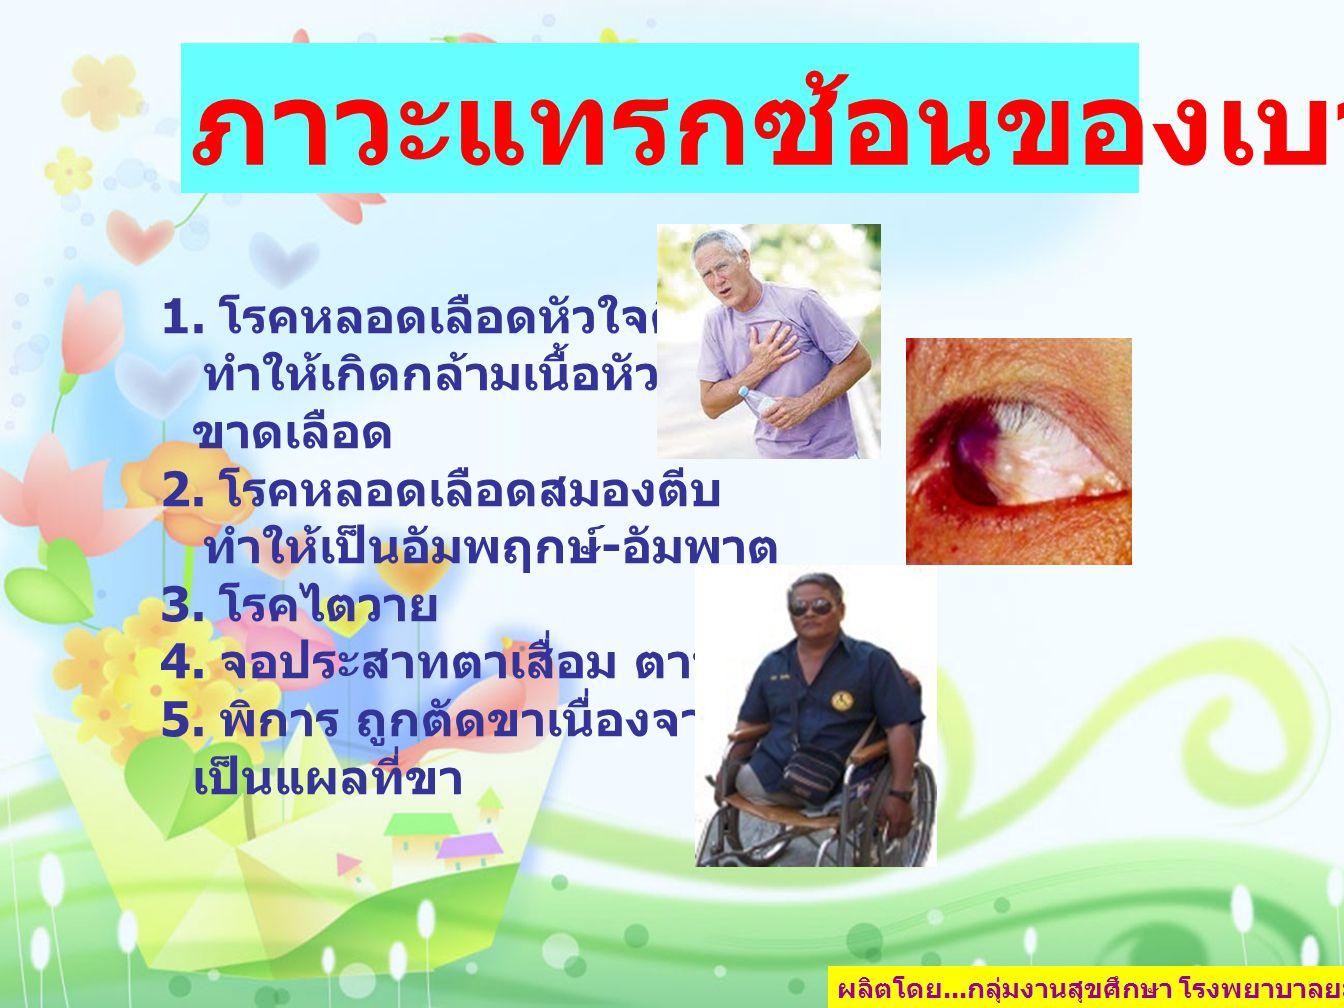 ผลิตโดย... กลุ่มงานสุขศึกษา โรงพยาบาลยะลา หน้า 4 1. โรคหลอดเลือดหัวใจตีบ ทำให้เกิดกล้ามเนื้อหัวใจ ขาดเลือด 2. โรคหลอดเลือดสมองตีบ ทำให้เป็นอัมพฤกษ์ -